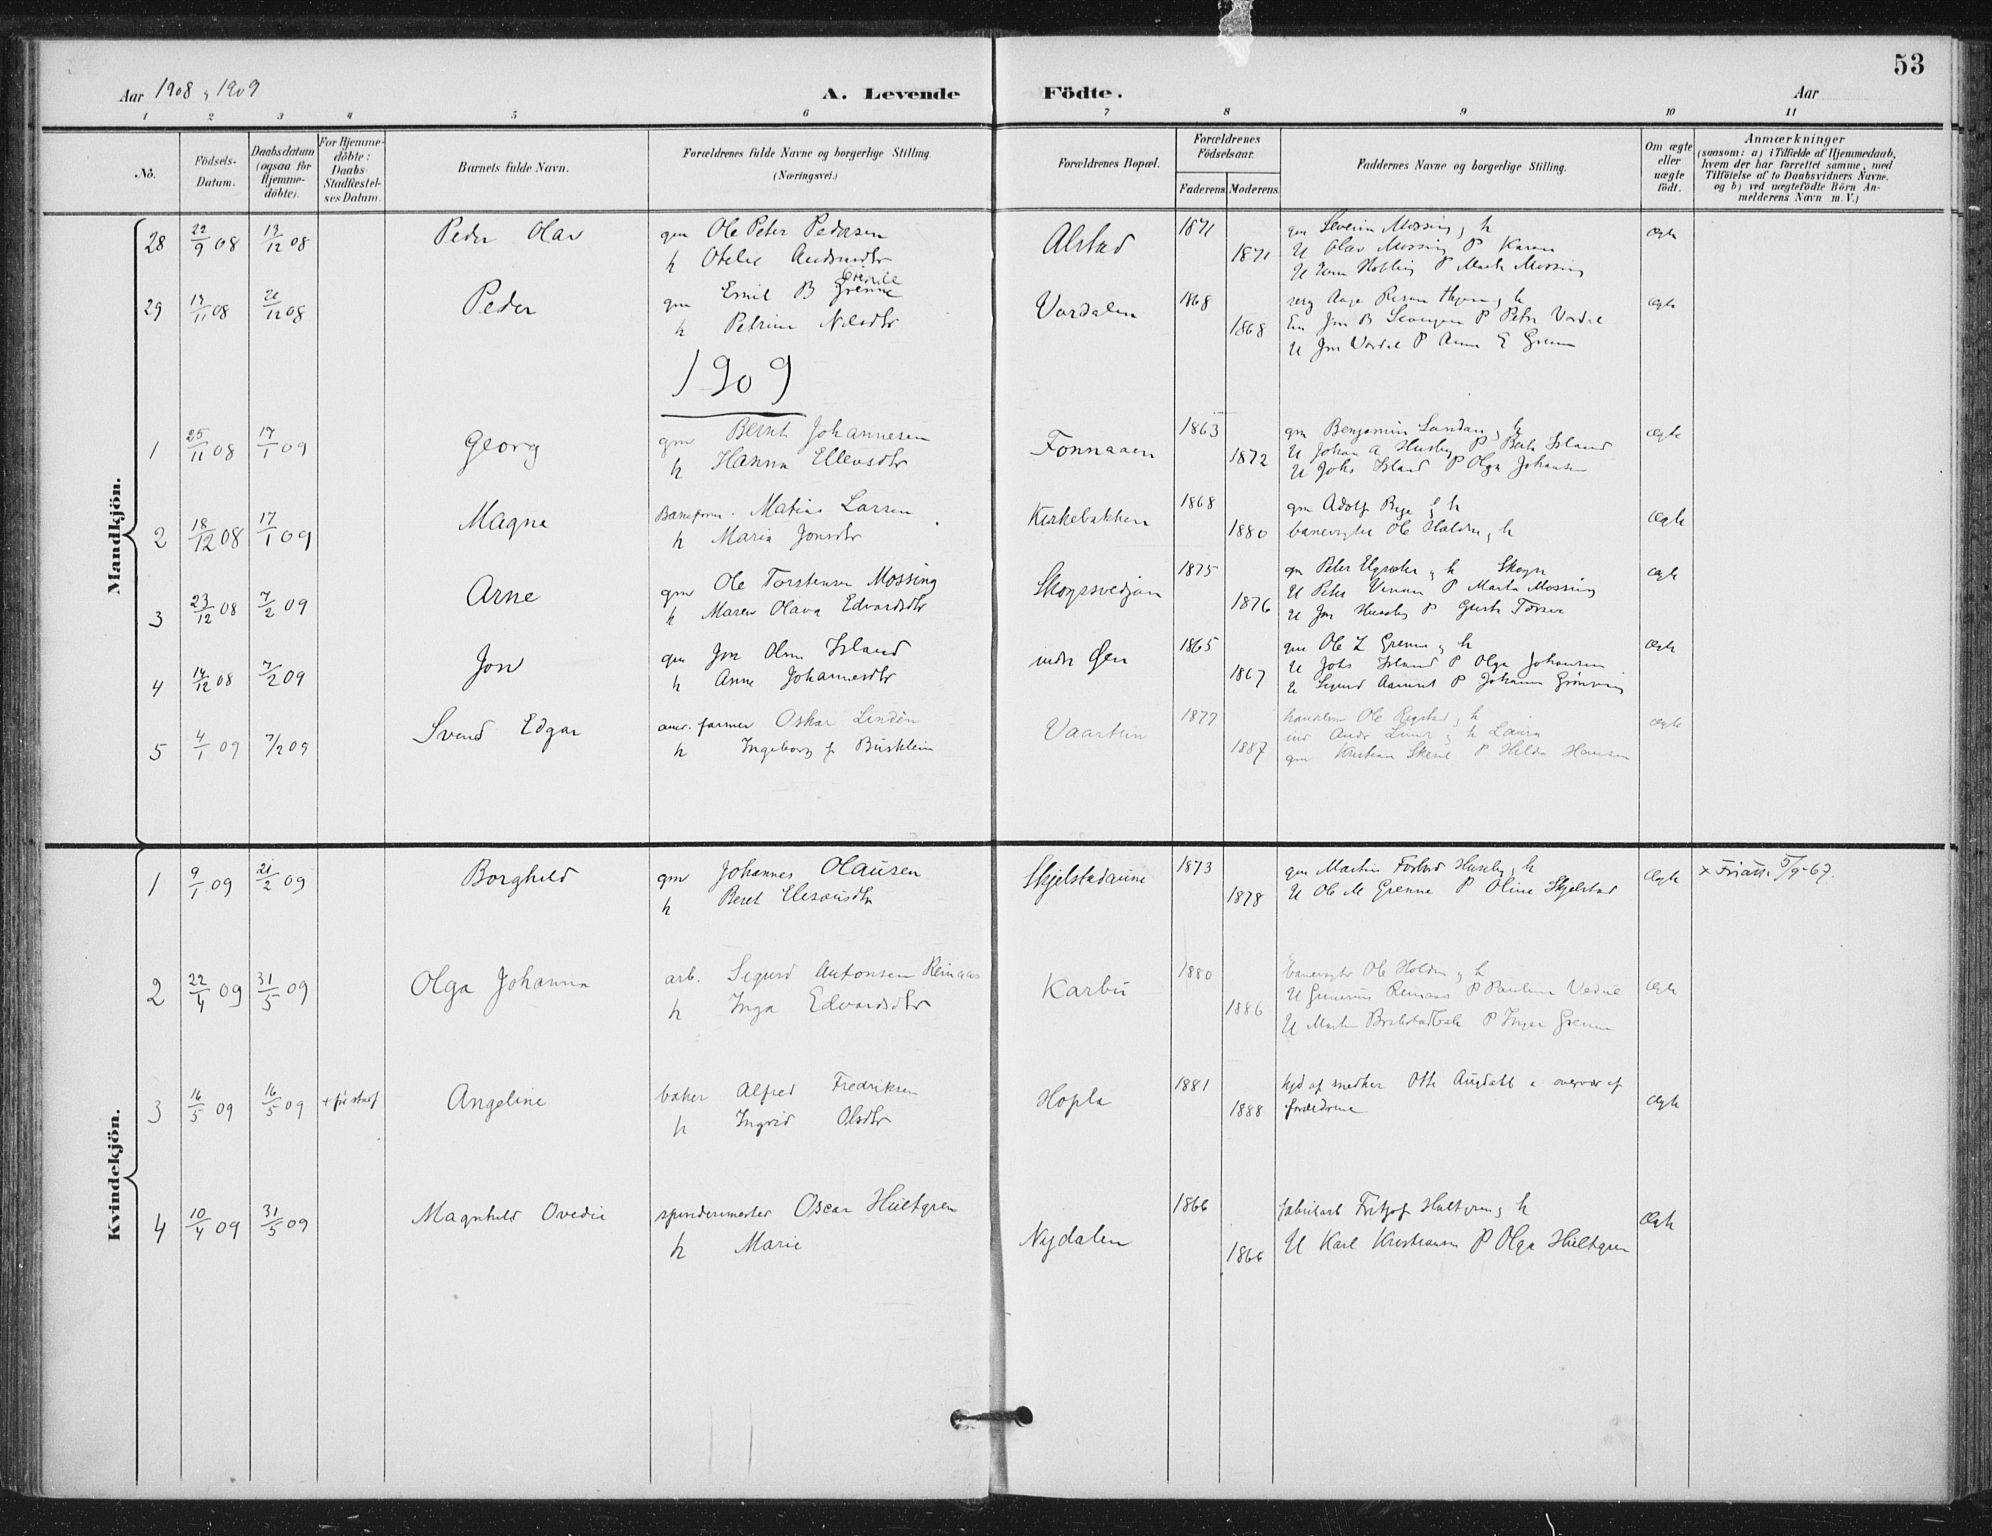 SAT, Ministerialprotokoller, klokkerbøker og fødselsregistre - Nord-Trøndelag, 714/L0131: Ministerialbok nr. 714A02, 1896-1918, s. 53